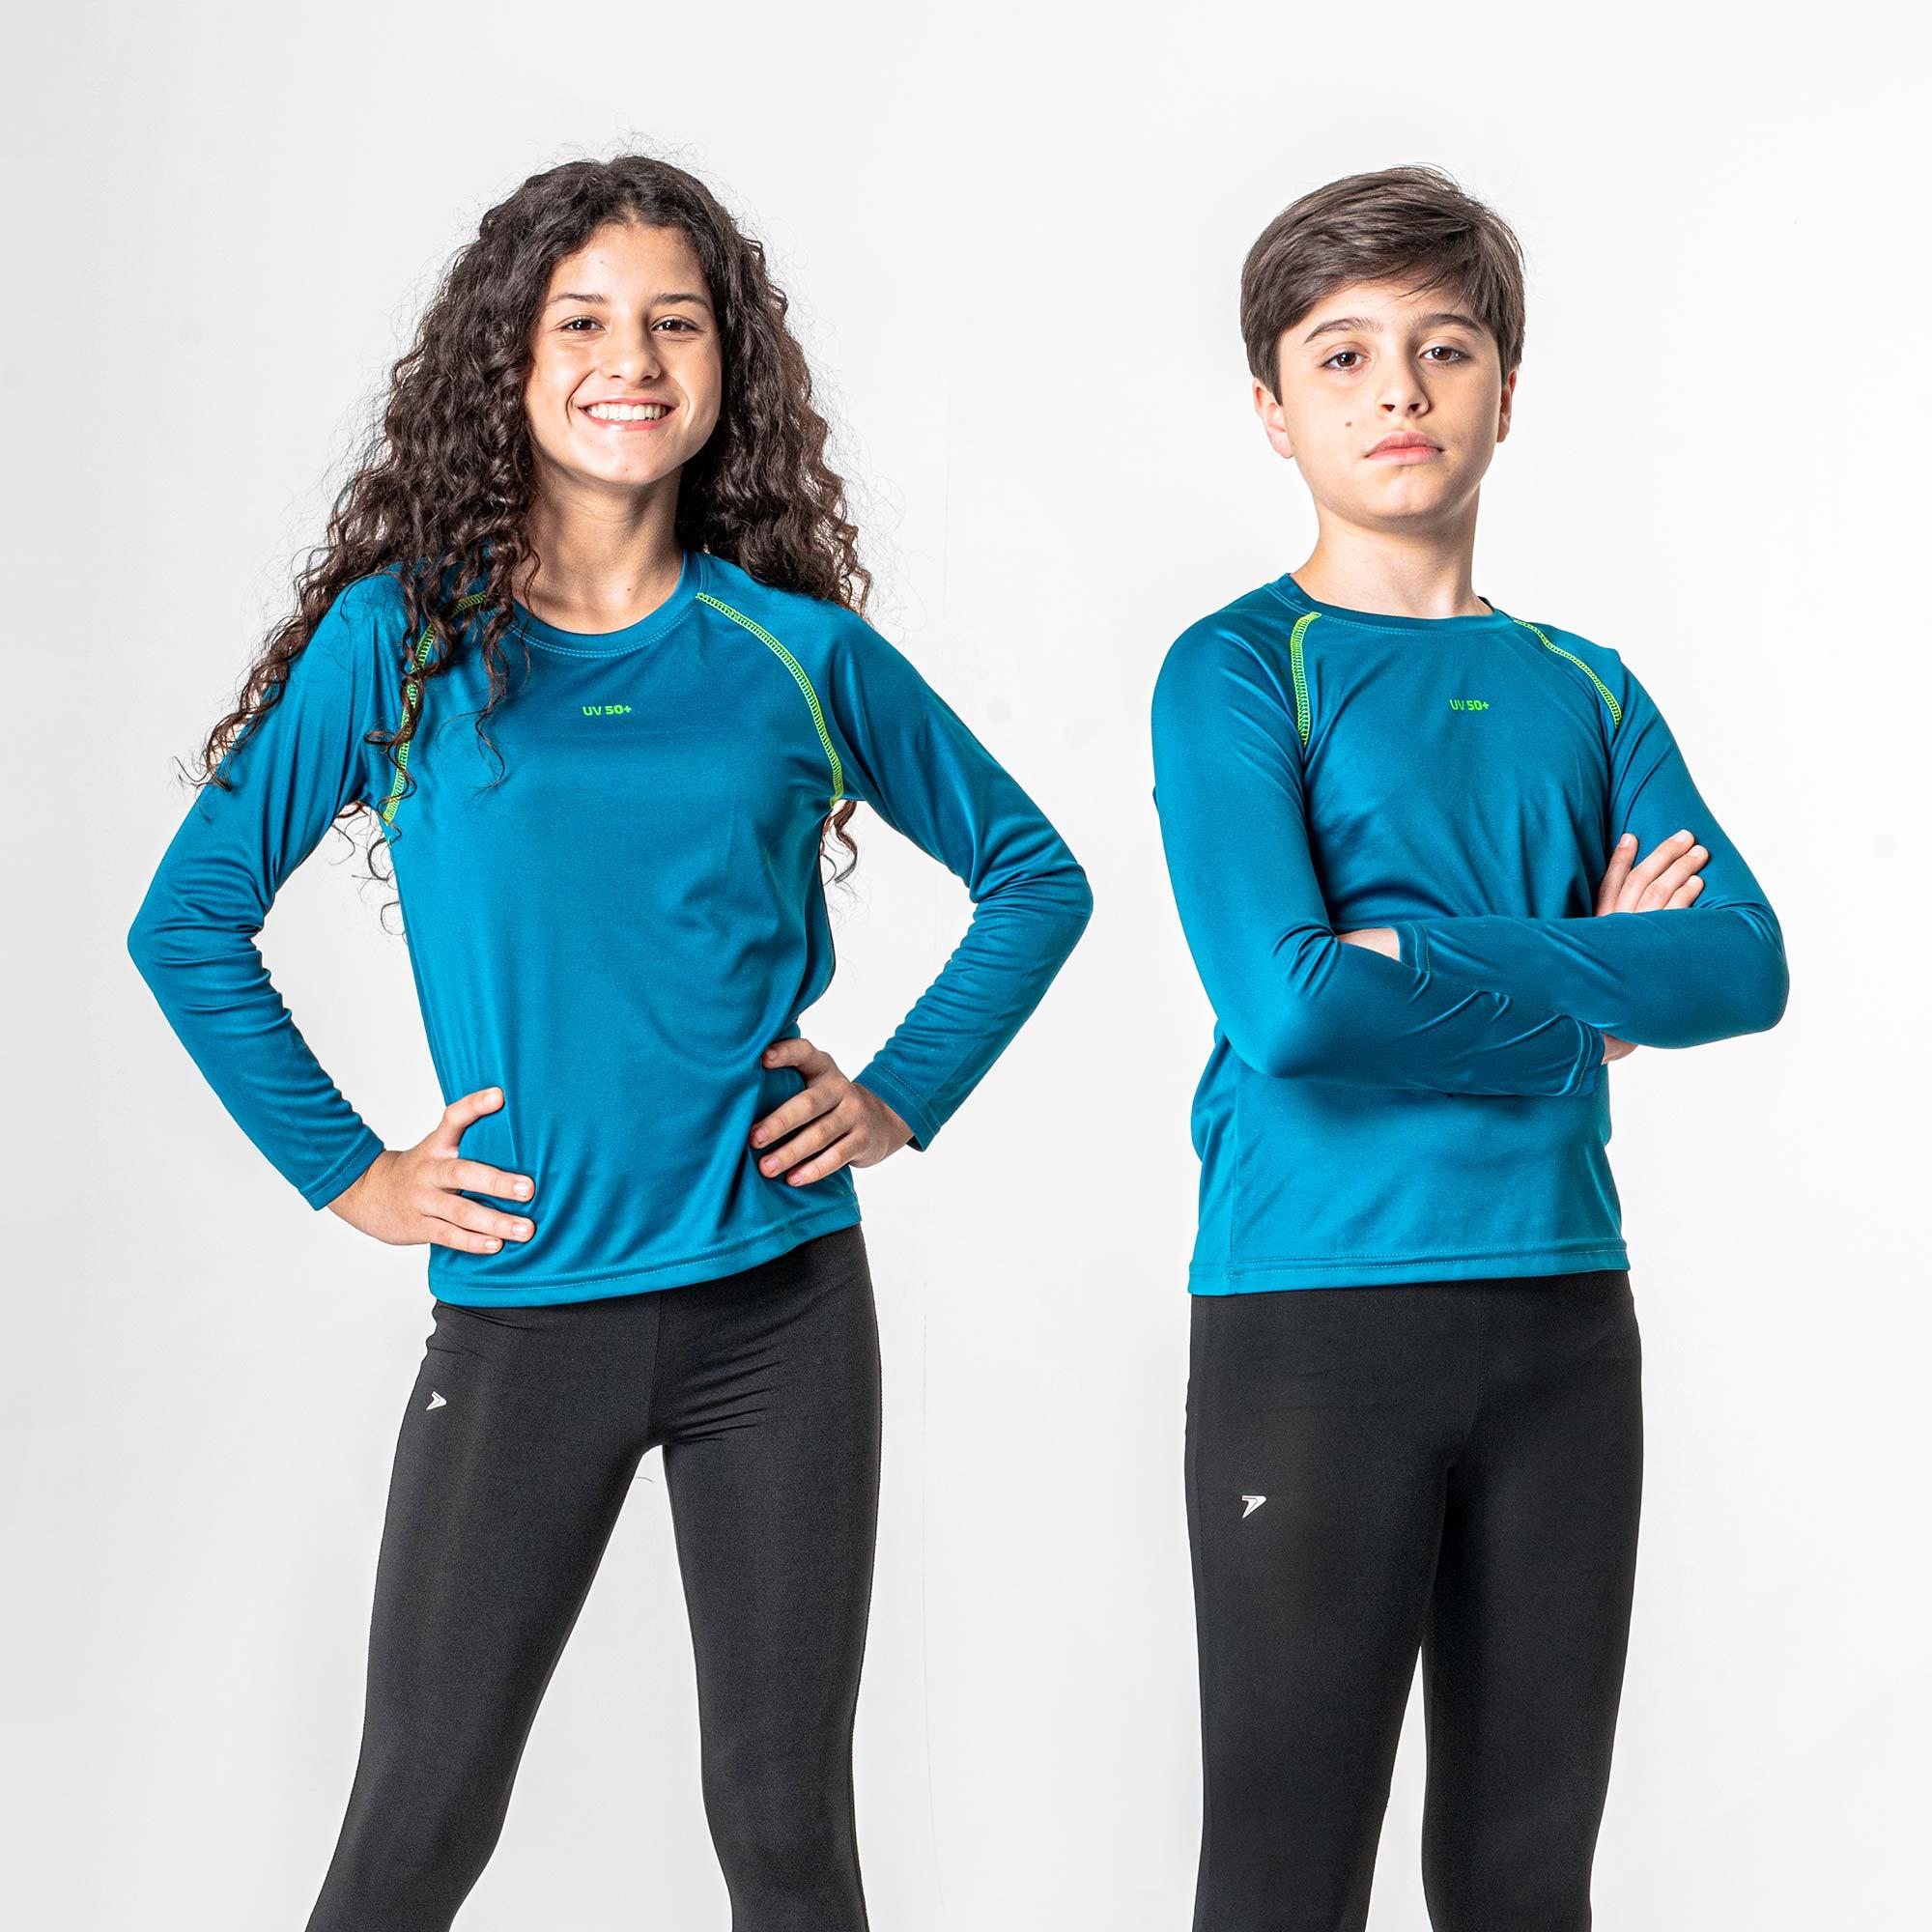 Camiseta Fator de Proteção UV50+ Infantil III M/L 04178